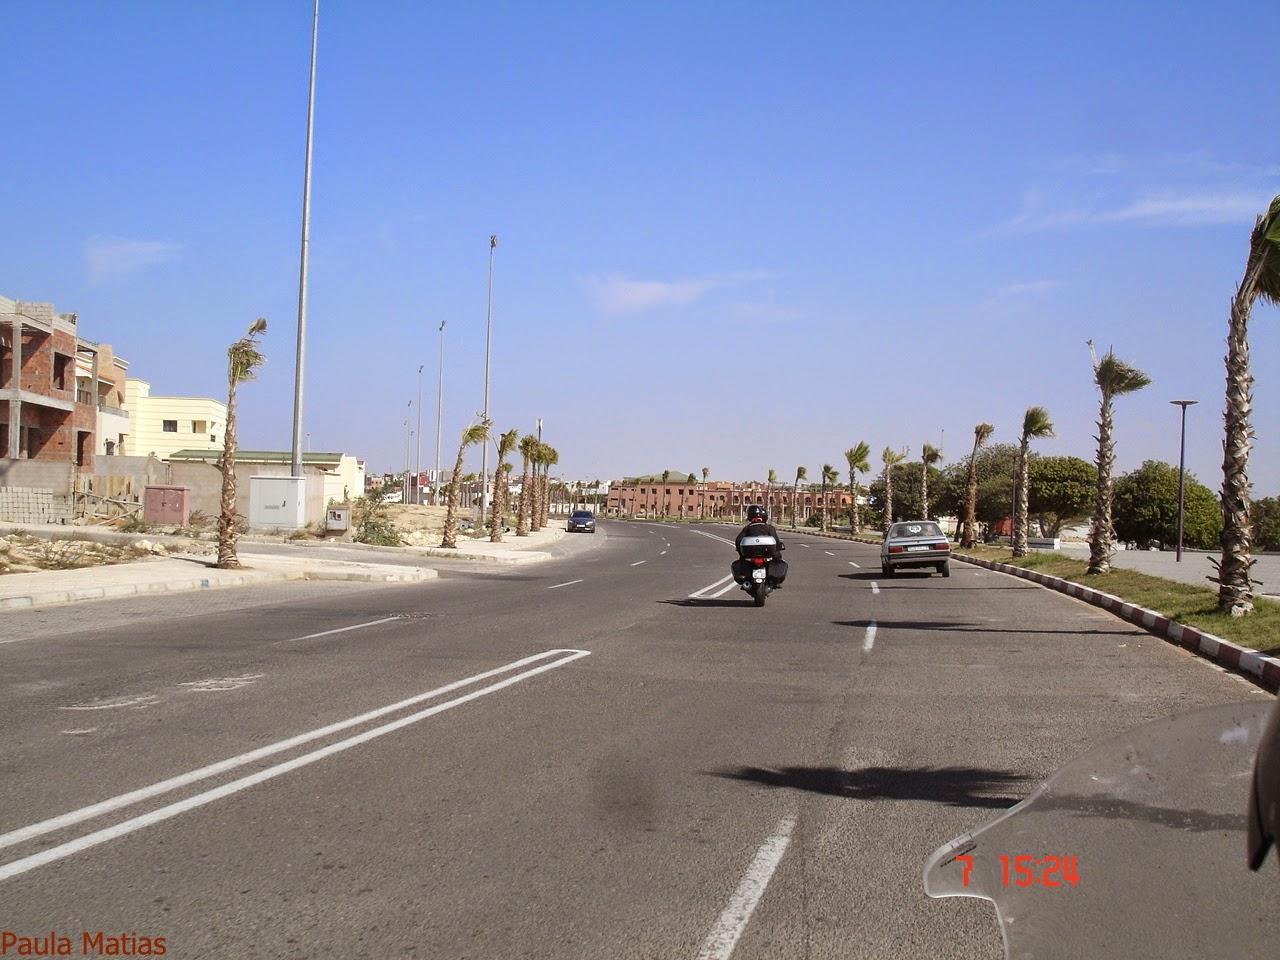 marrocos - Marrocos 2014 - O regresso  DSC03252_new